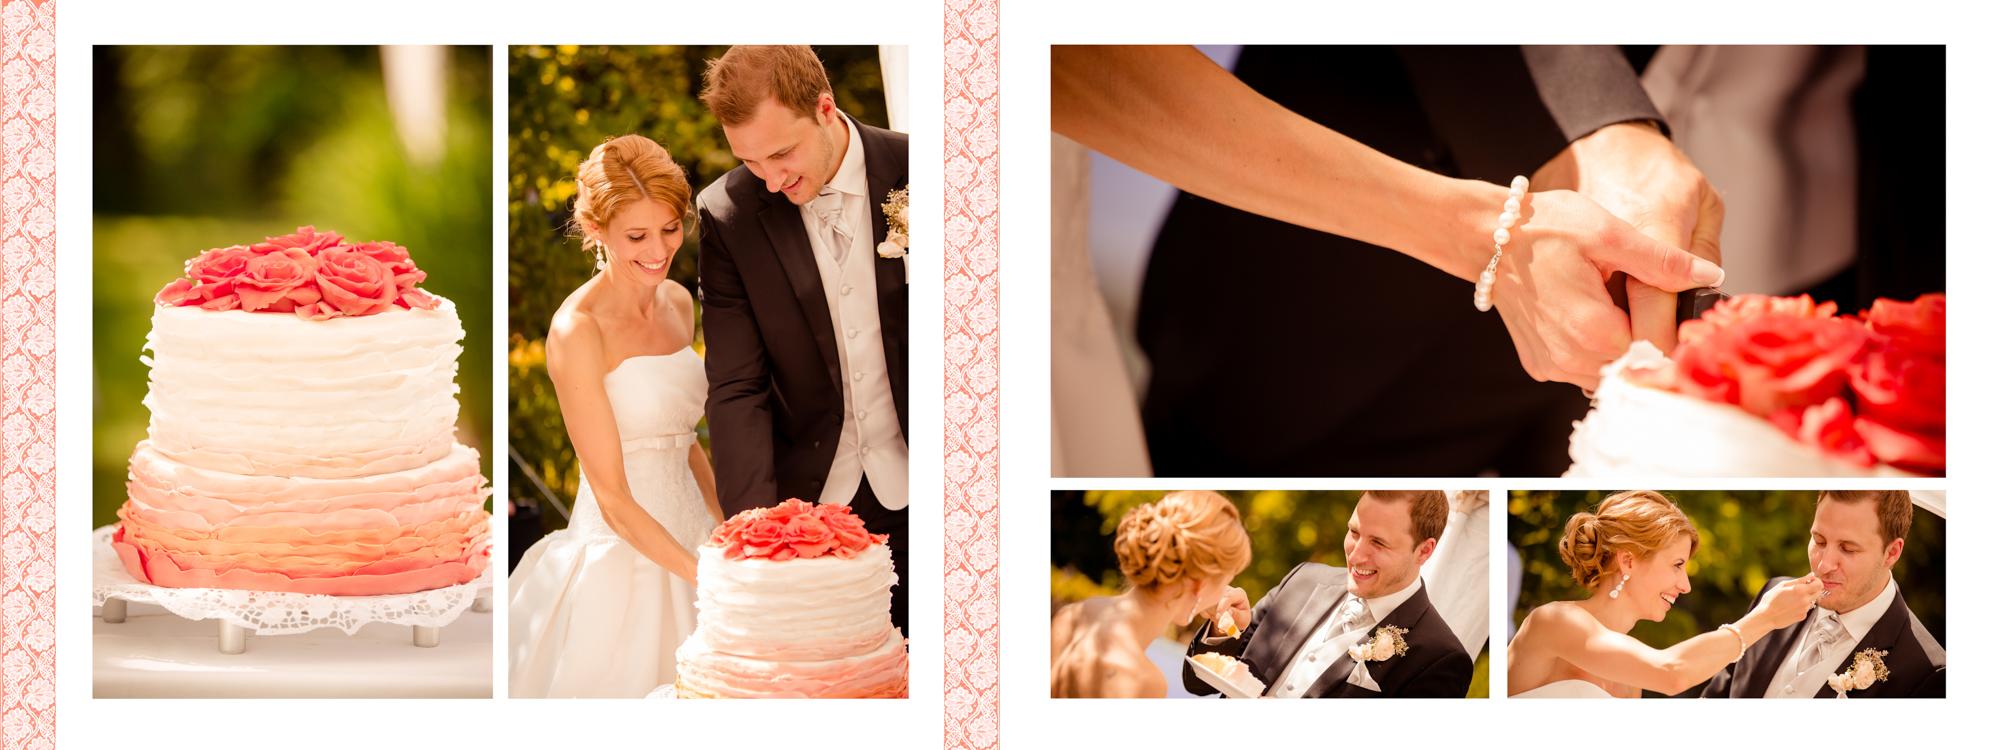 Hochzeitsbuch Lisa & Peter Seite 26